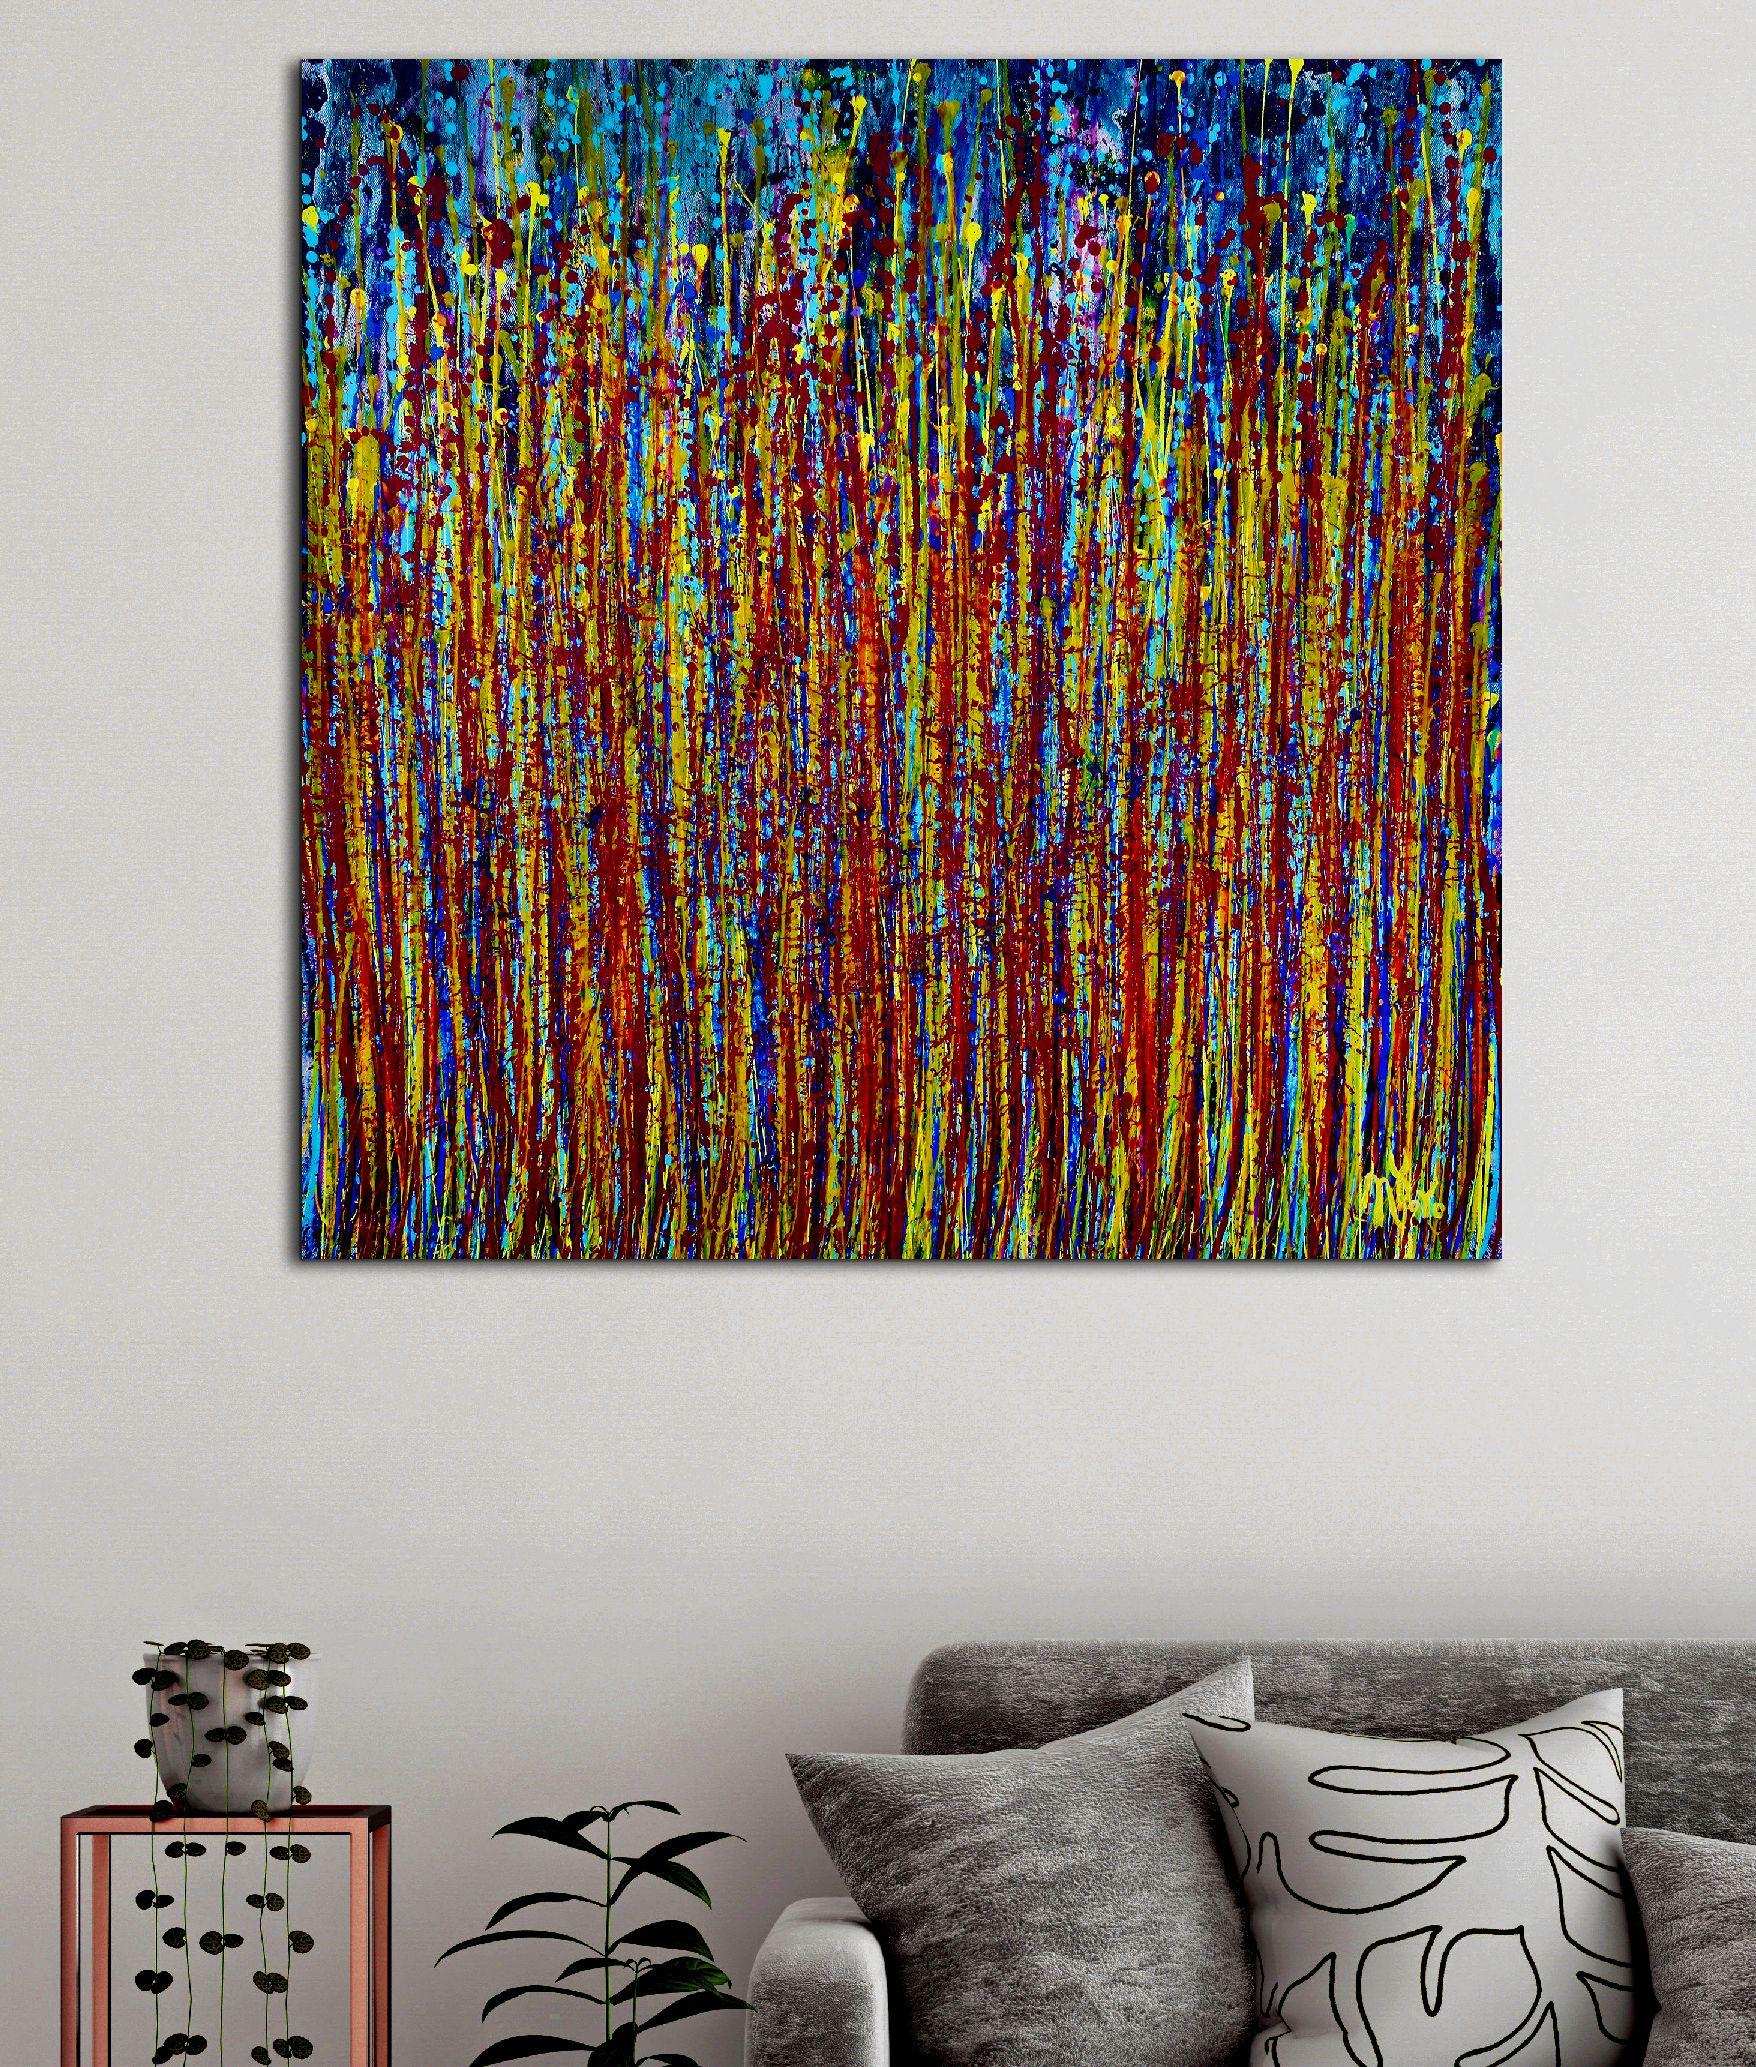 Blooming Garden 4 (Flow Spectra) by Nestor Toro